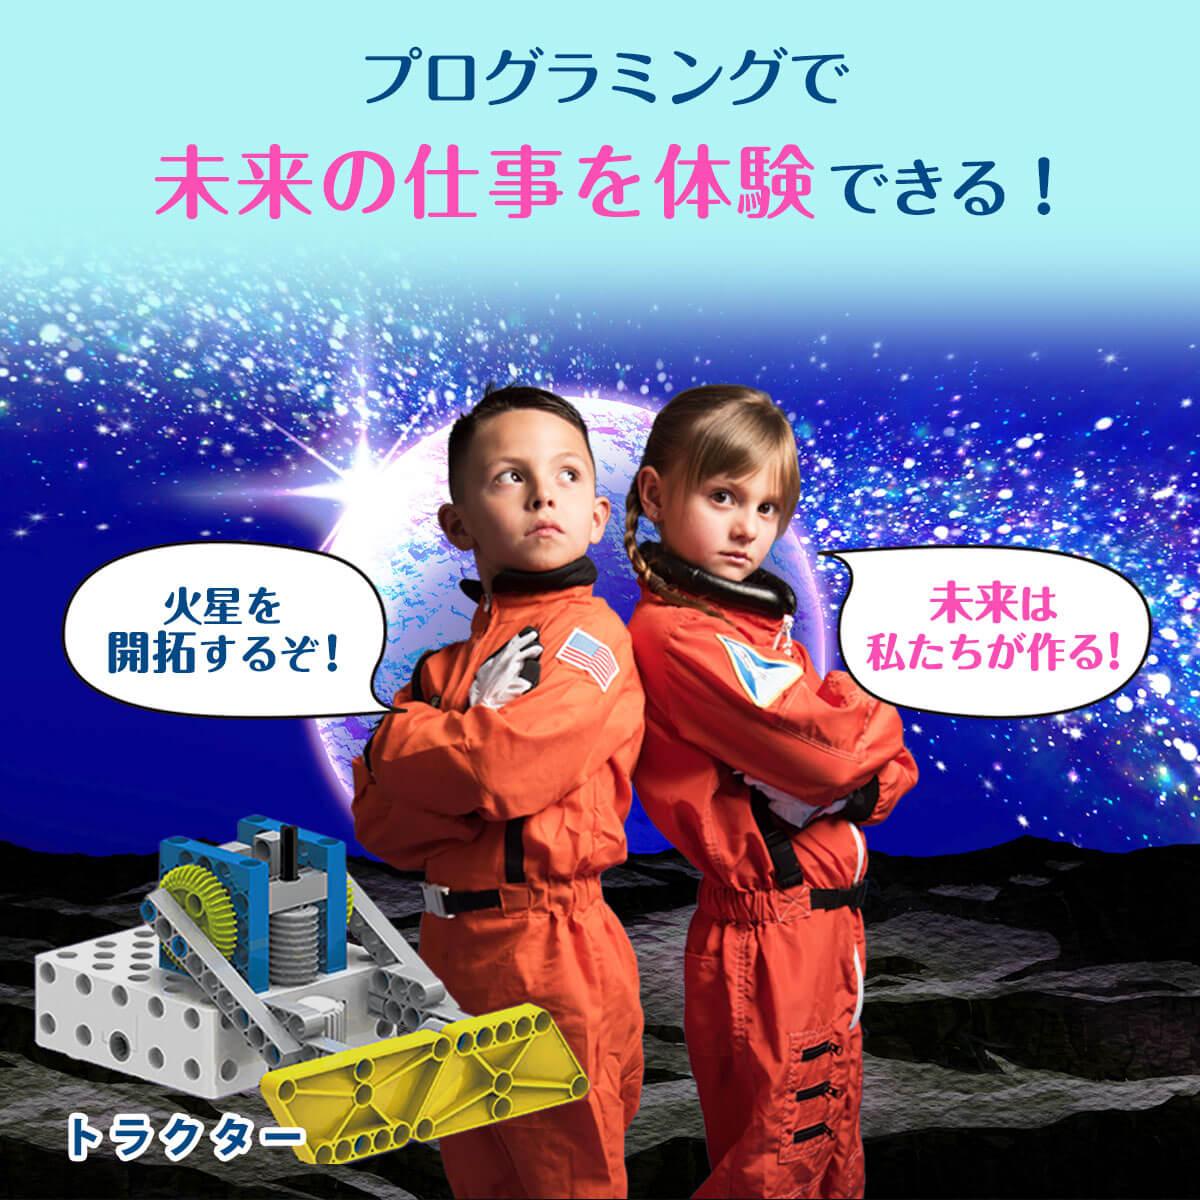 プログラミング おもちゃ 子供 プローボ probo プログラミング的思考 PC スマホ 不要 ロボット ゲーム 遊び